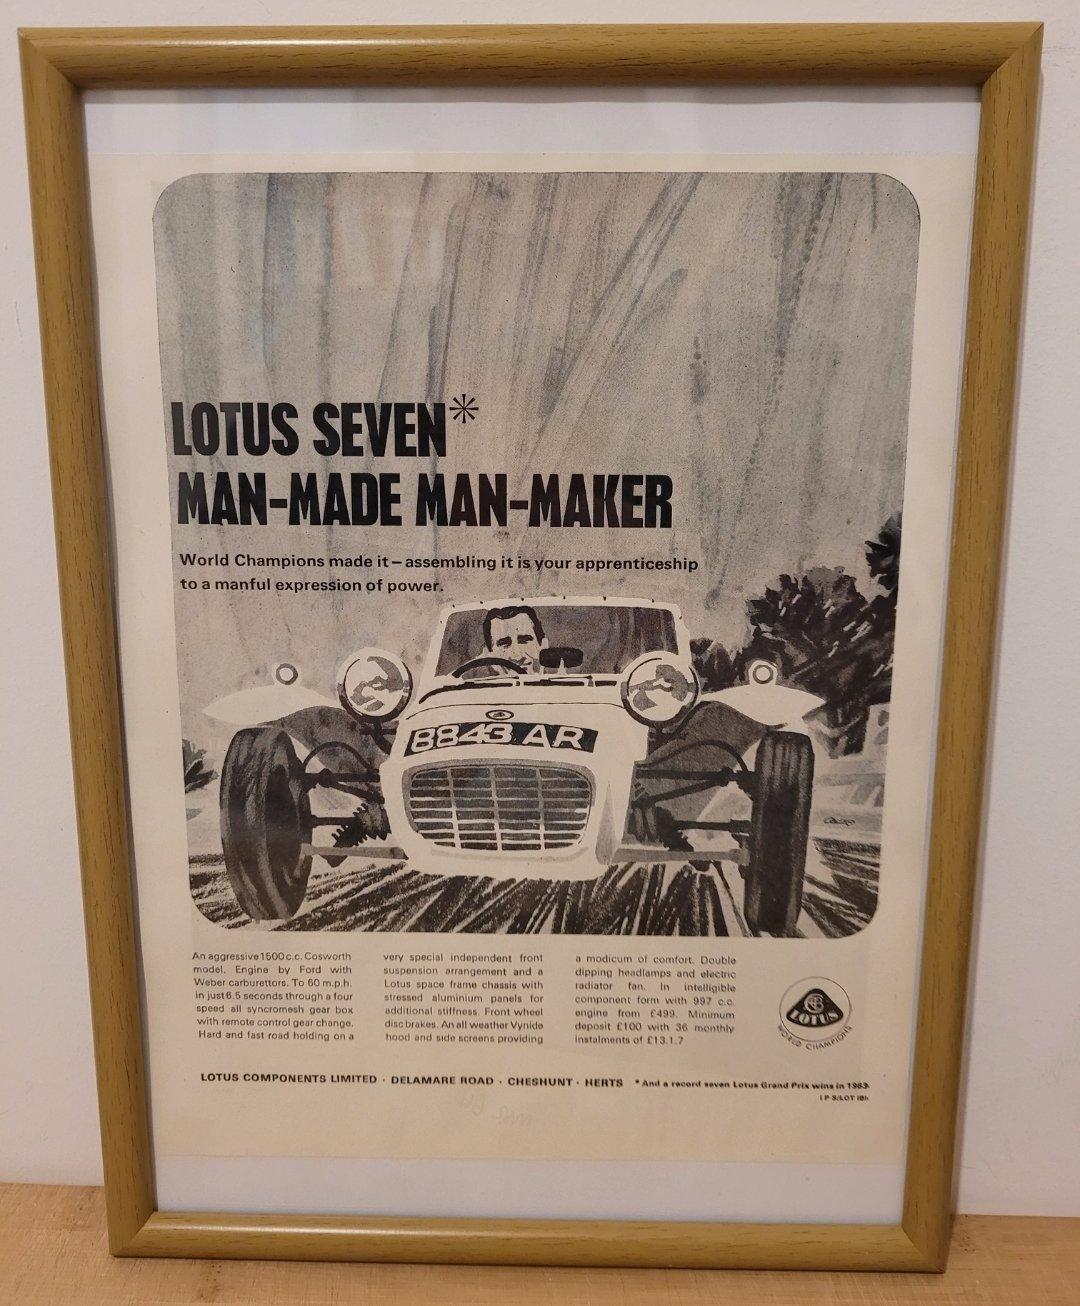 Original 1964 Lotus Seven Framed Advert